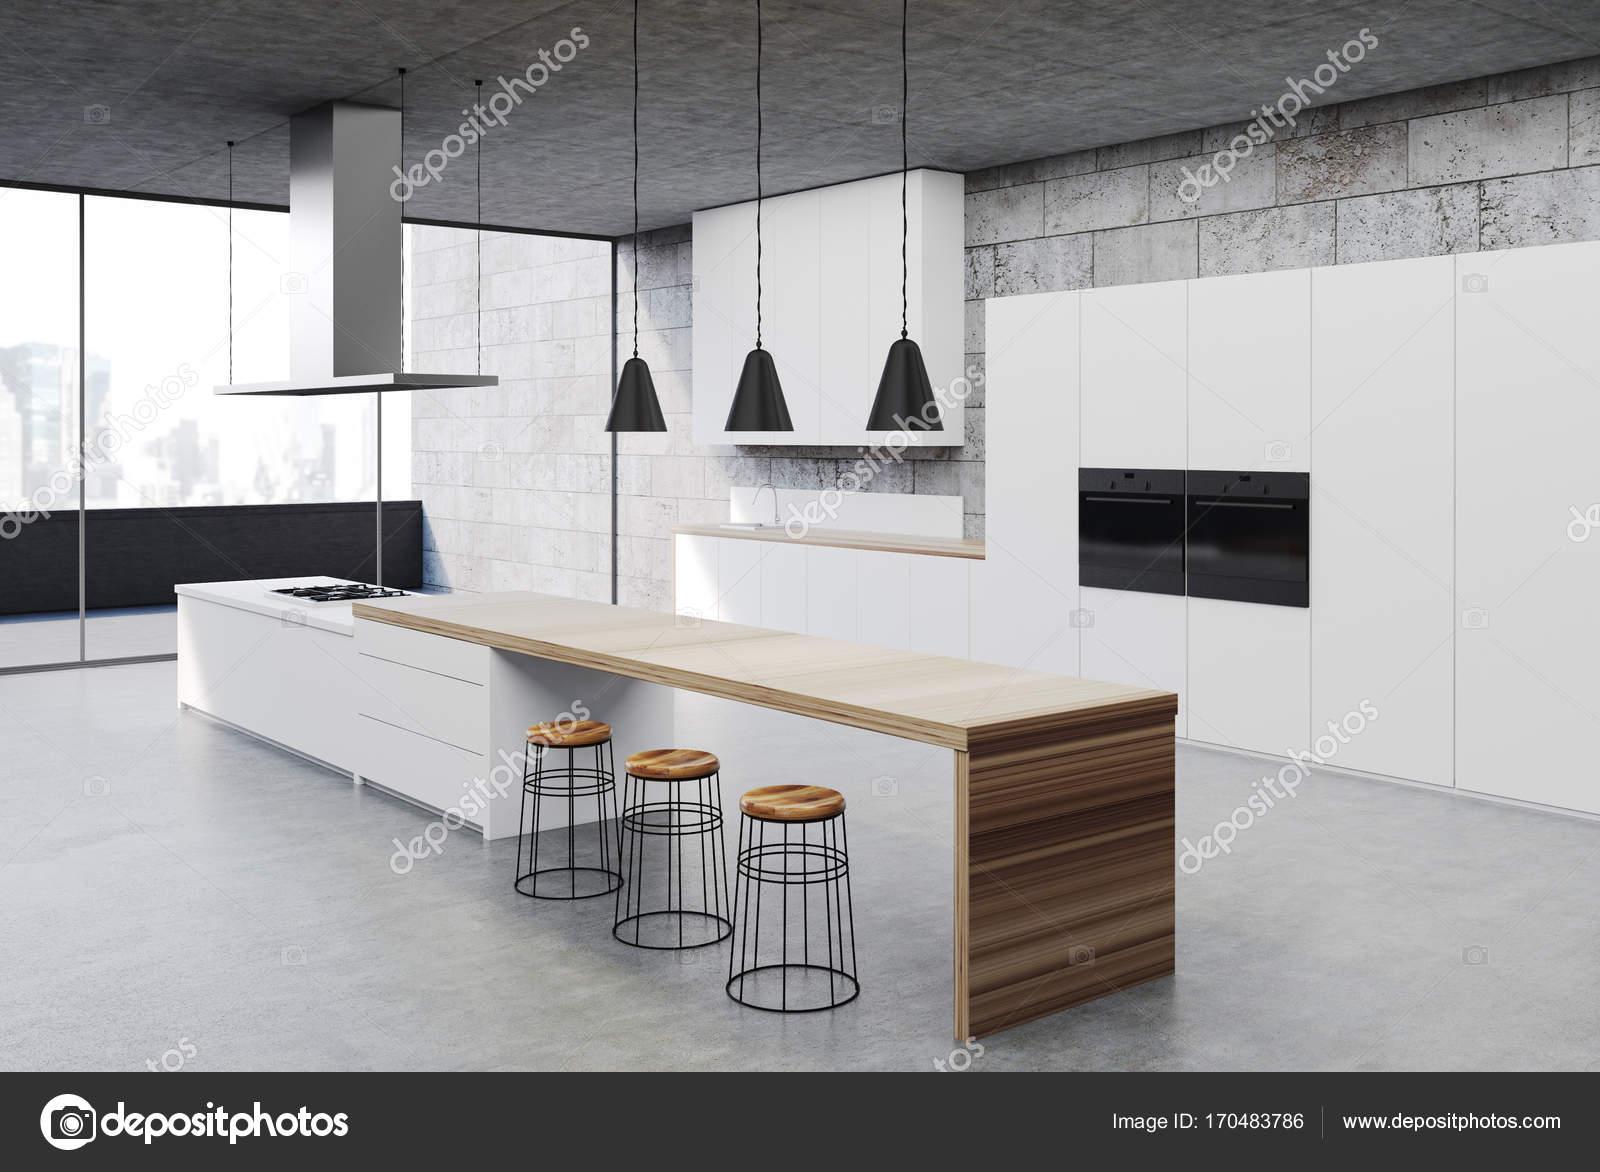 Keuken Van Beton : De betonlook keuken stoer en robuust bemmel kroon keukens